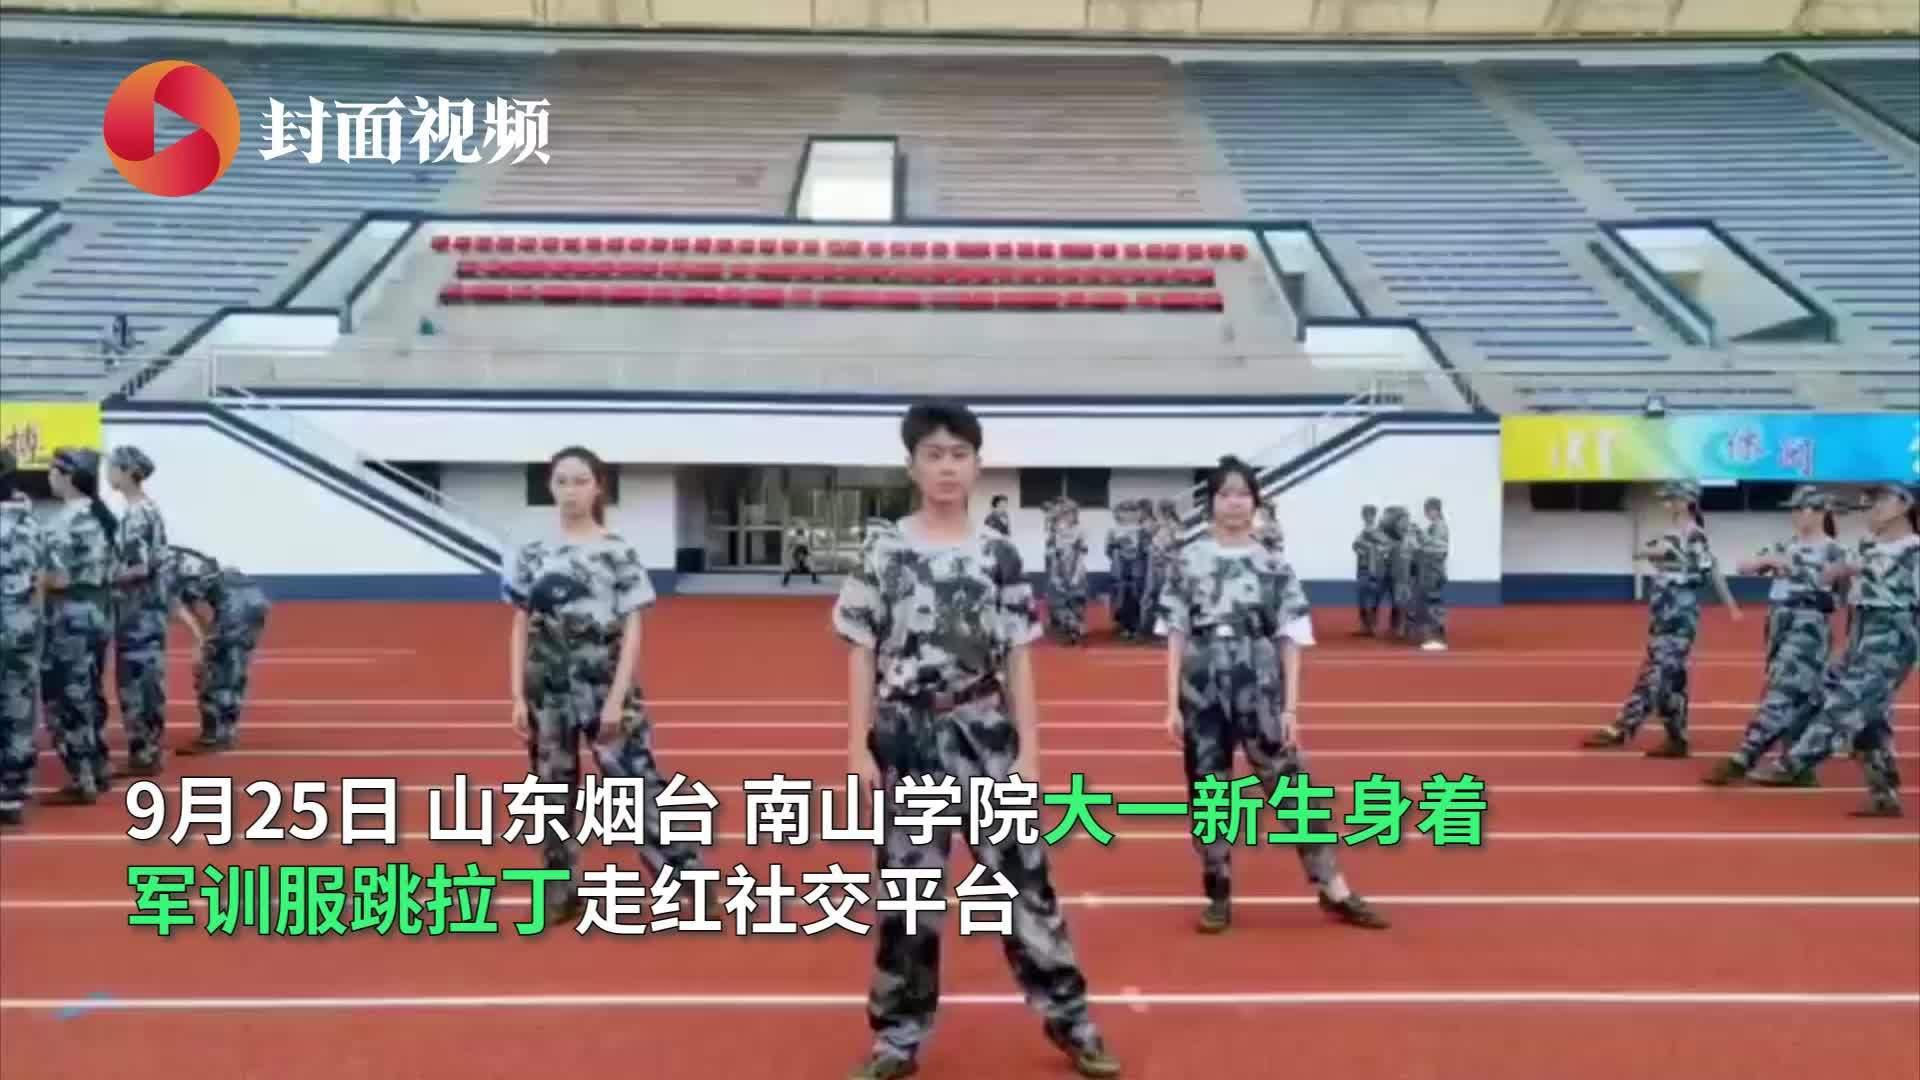 大一男生穿军训服跳拉丁走红 网友:C位的气质我爱了